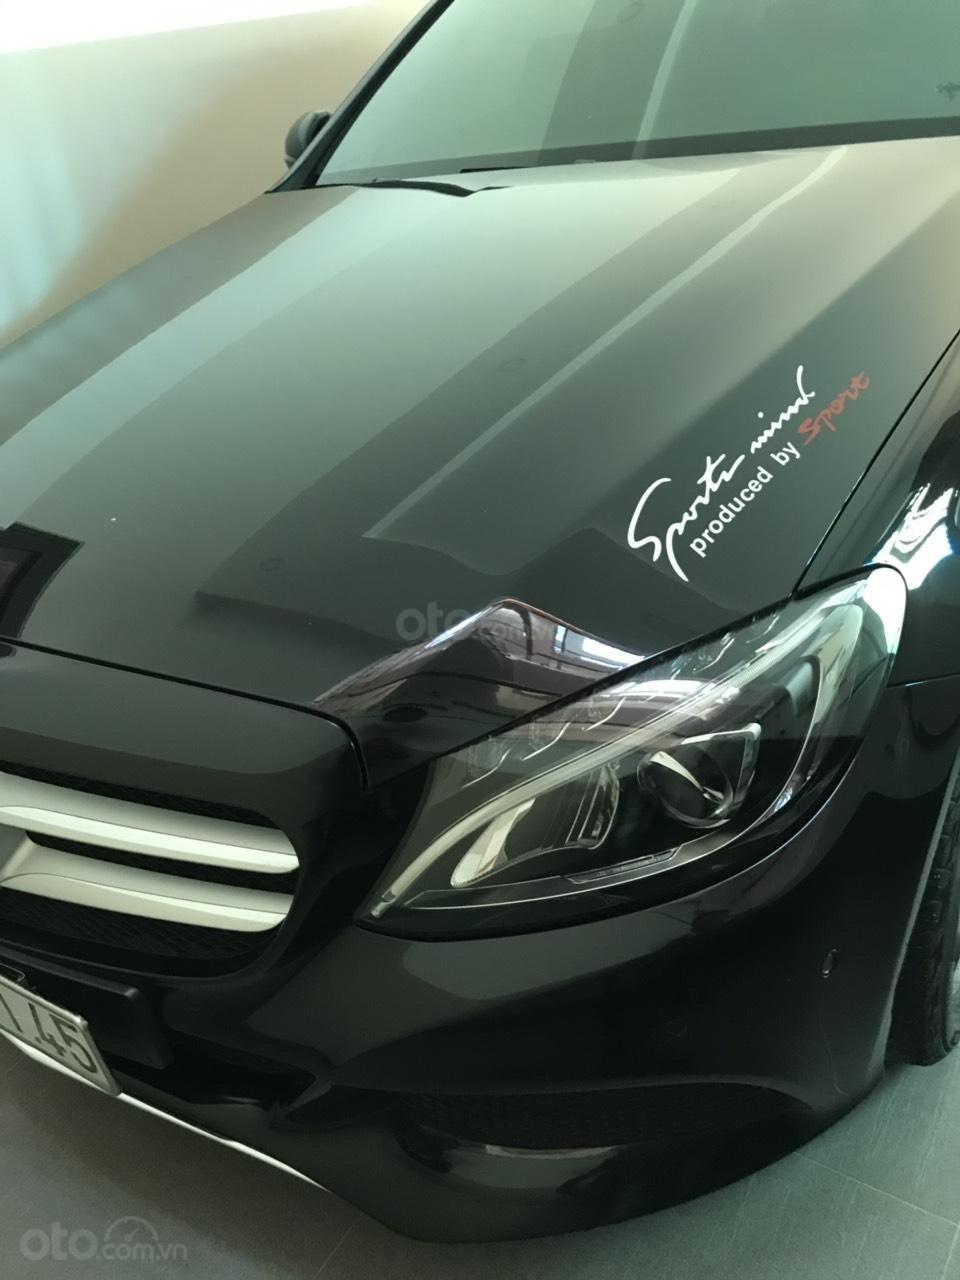 Bán Mercedes C200 model 2017, đã đi 15000km, xe chính chủ (1)